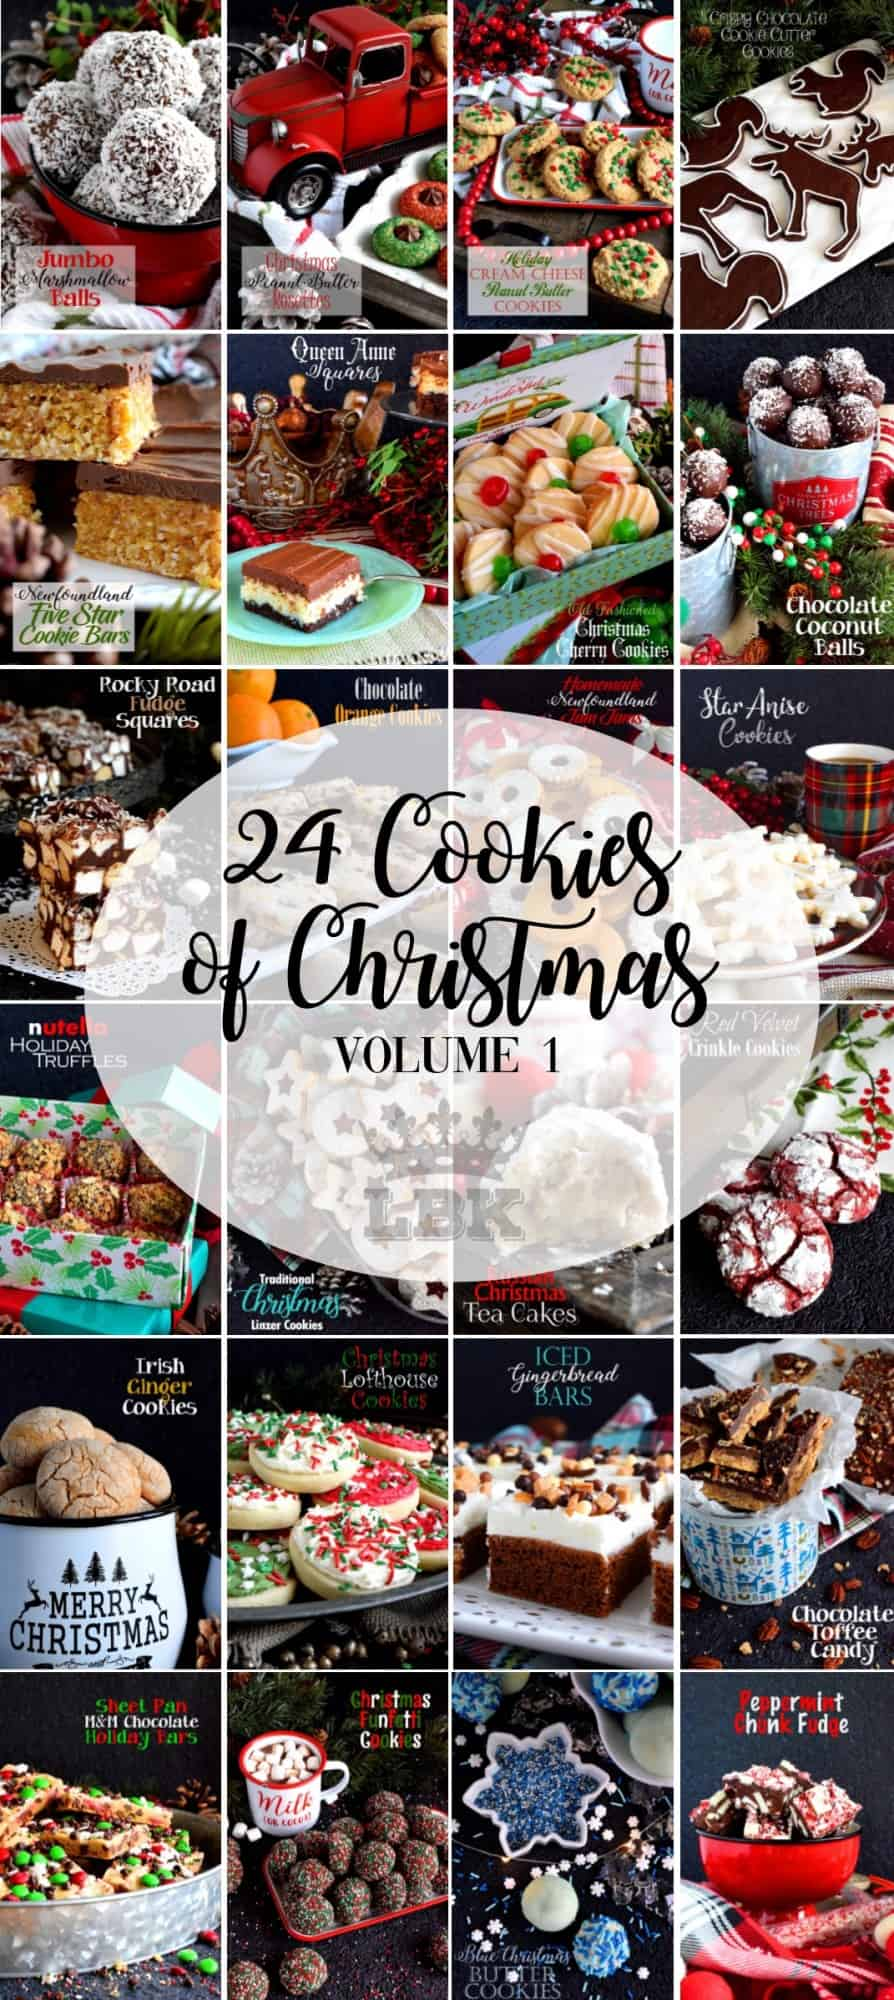 24 Cookies of Christmas - Volume 1